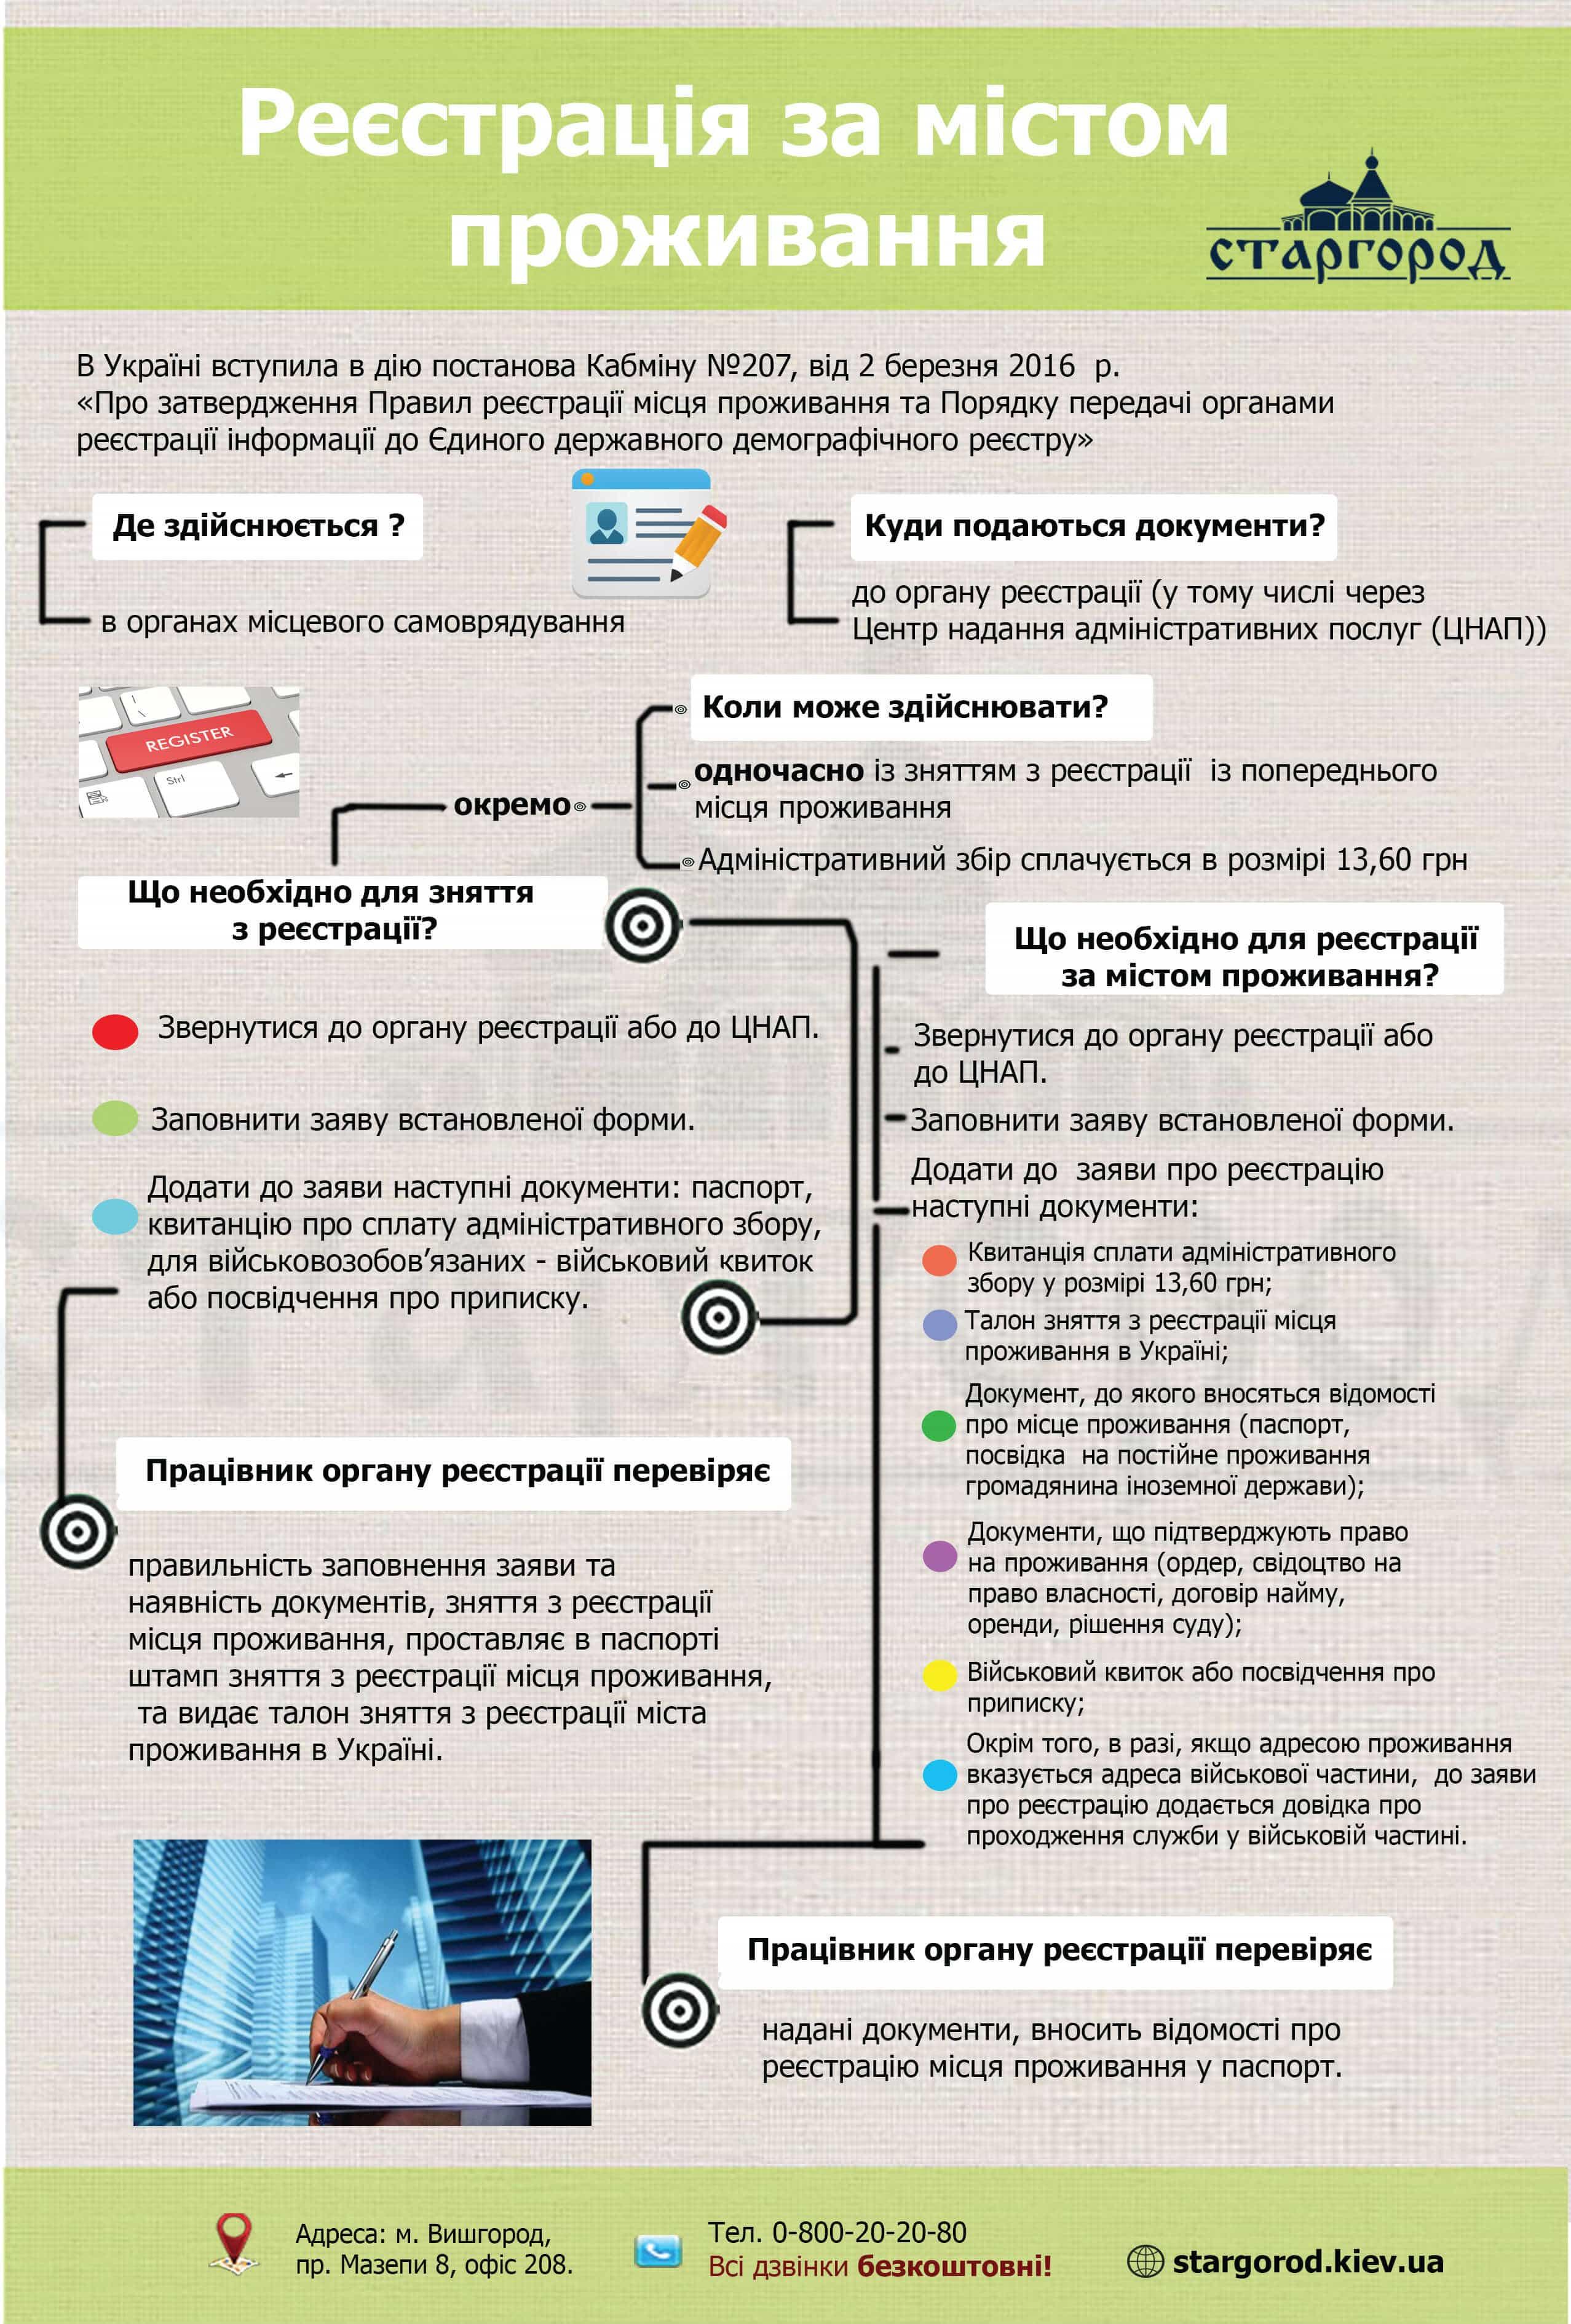 регистрация по месту жительства прописка Украина